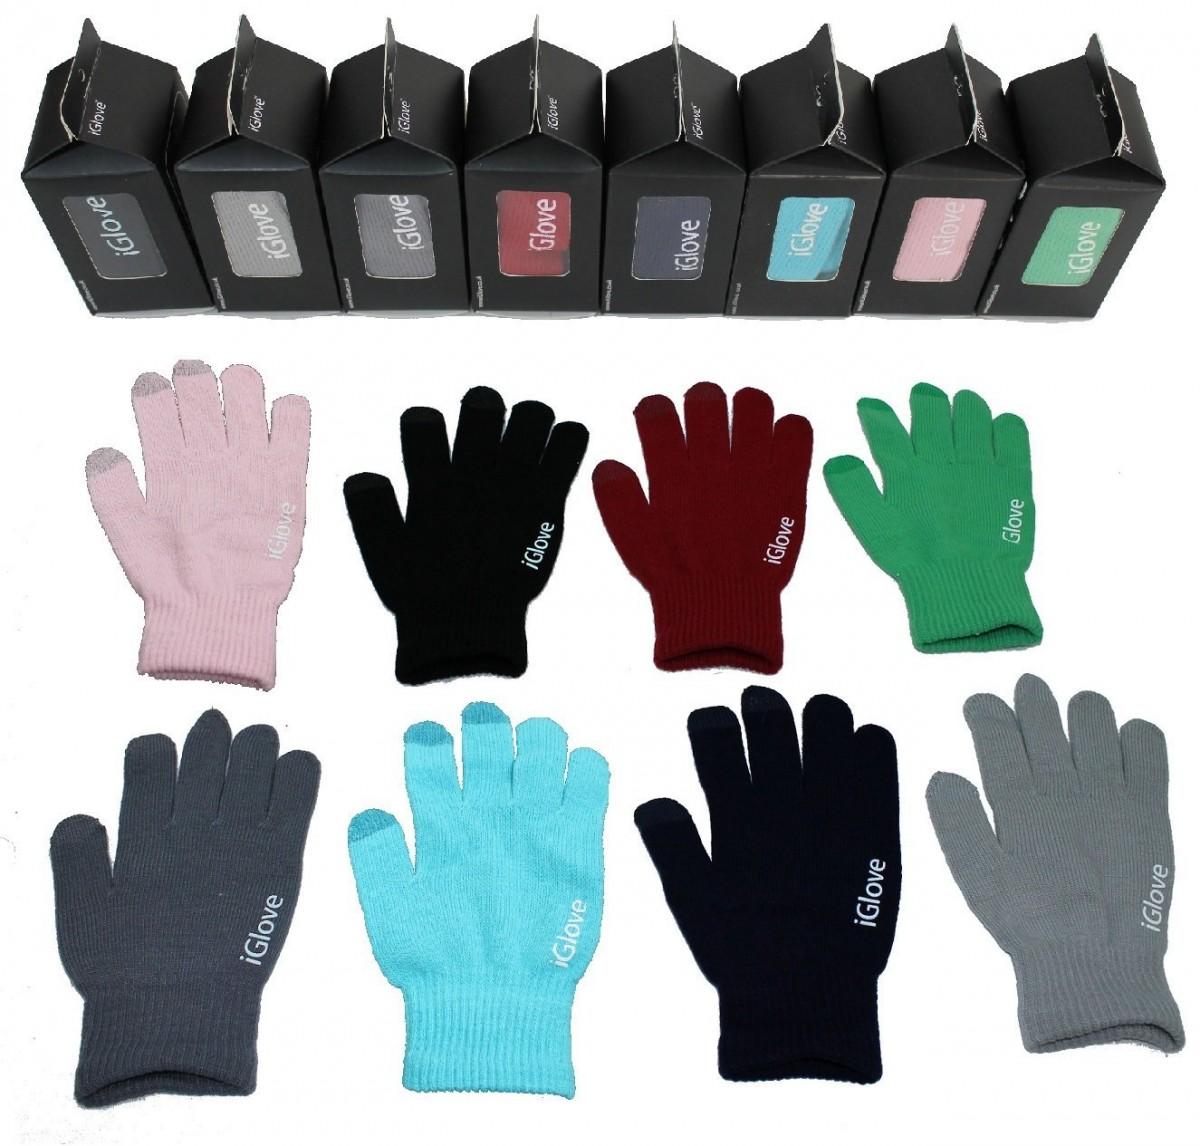 Chytré rukavice iGlove na dotykový displej